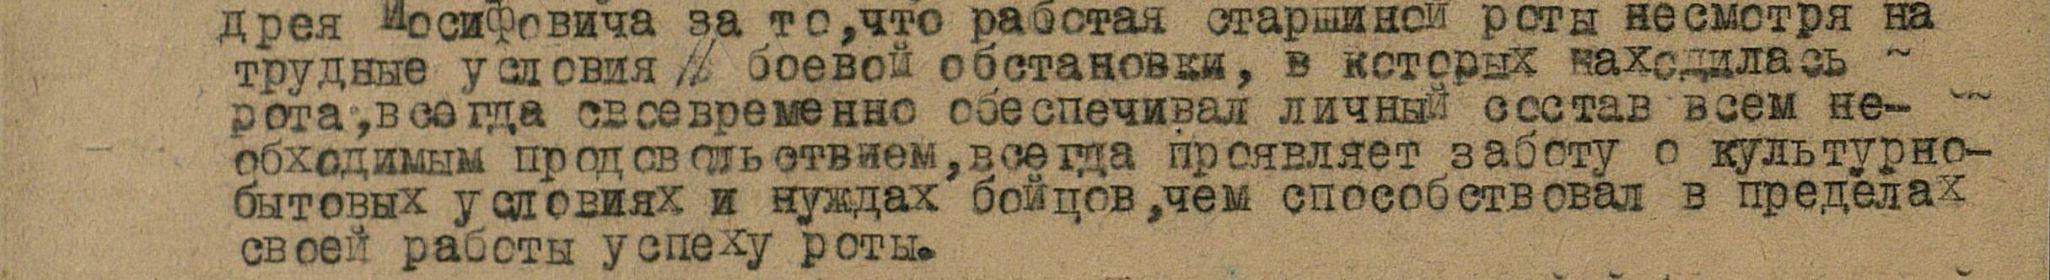 """Медаль """"За боевые заслуги""""(описание подвига)"""